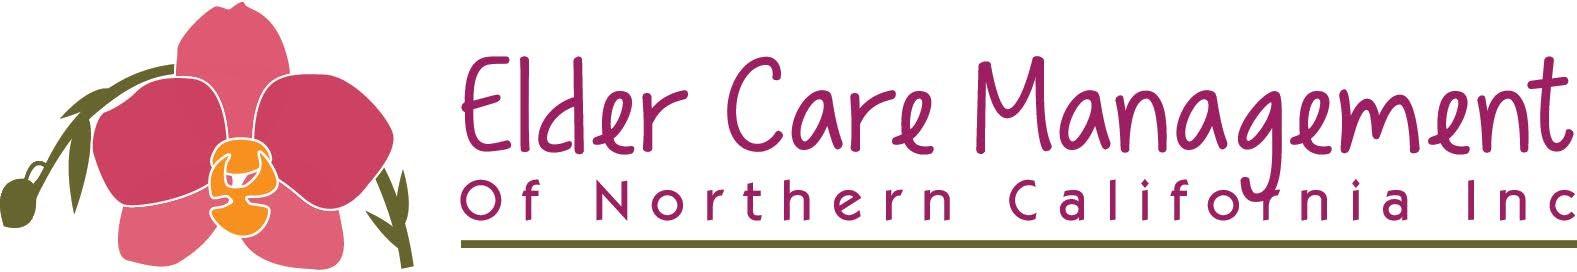 Elder Care Management logo